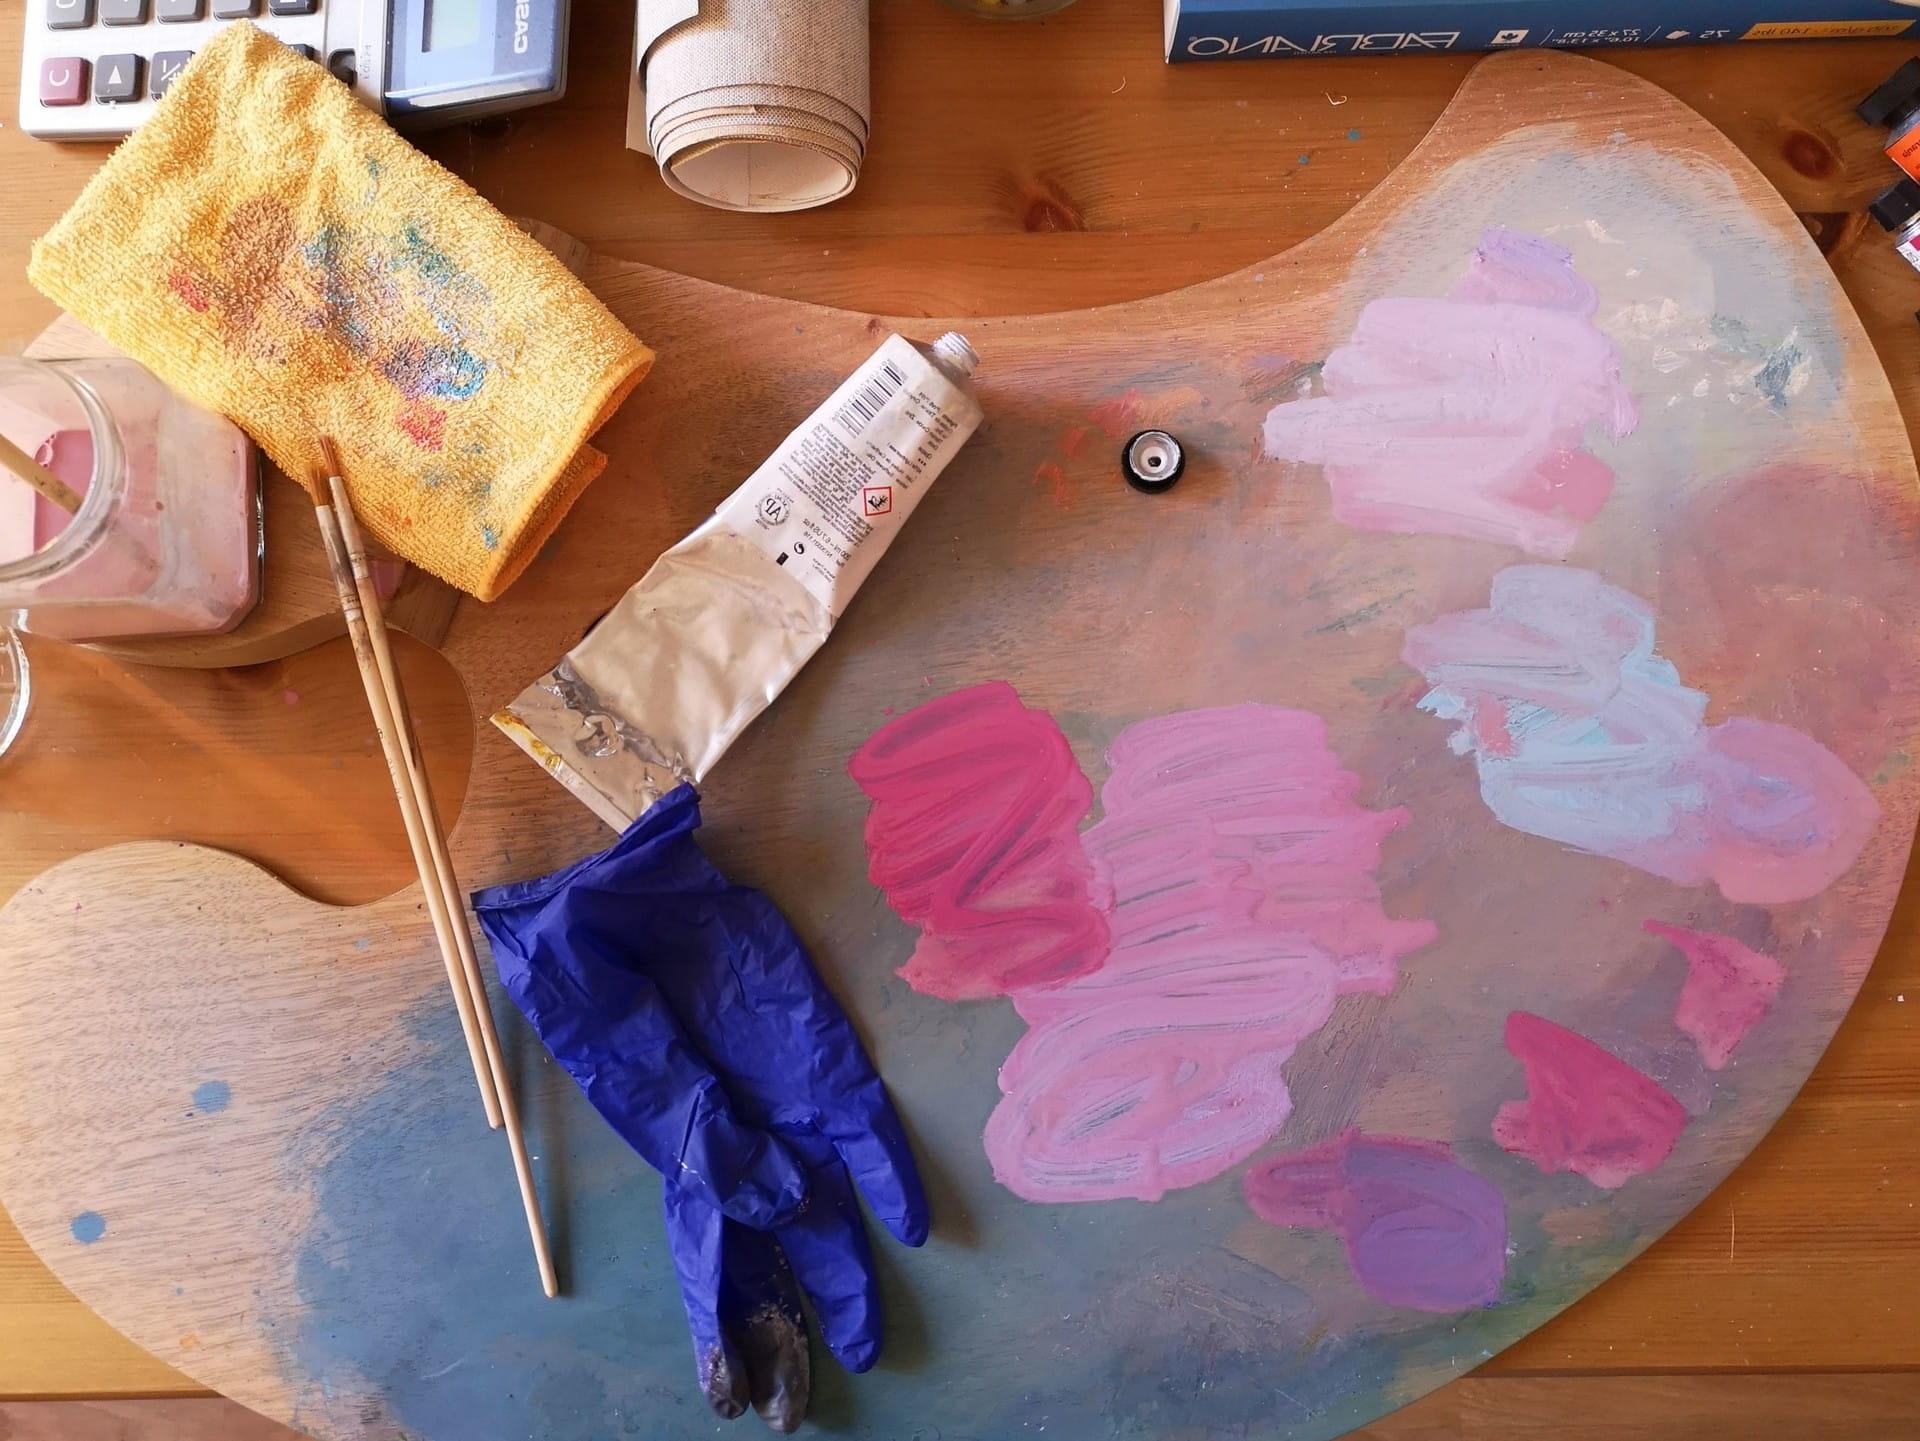 Ein Tisch mit einer Malerpalette und anderen Malutensilien